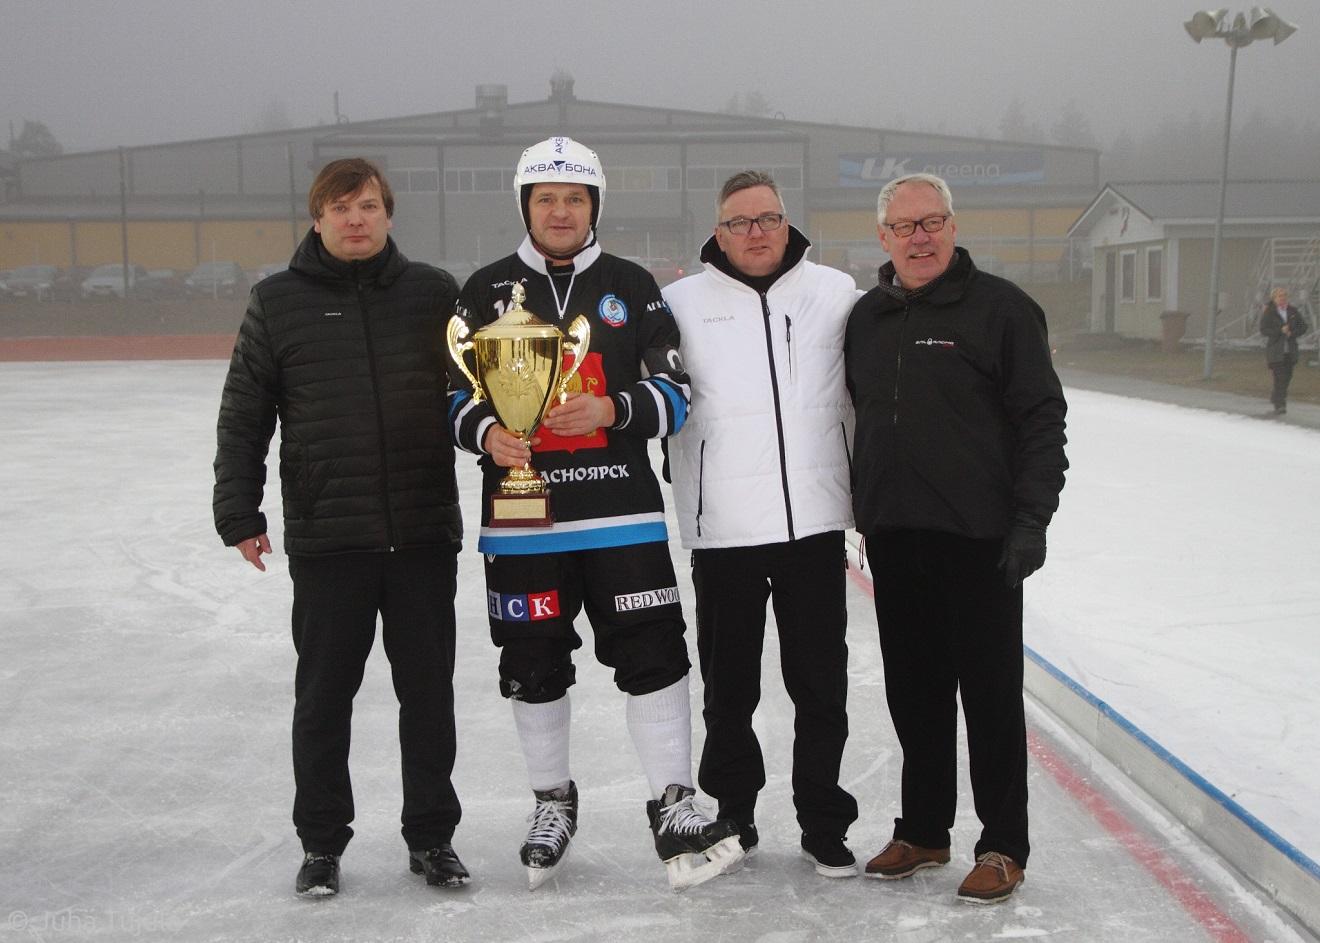 Фото finbandy.fi.